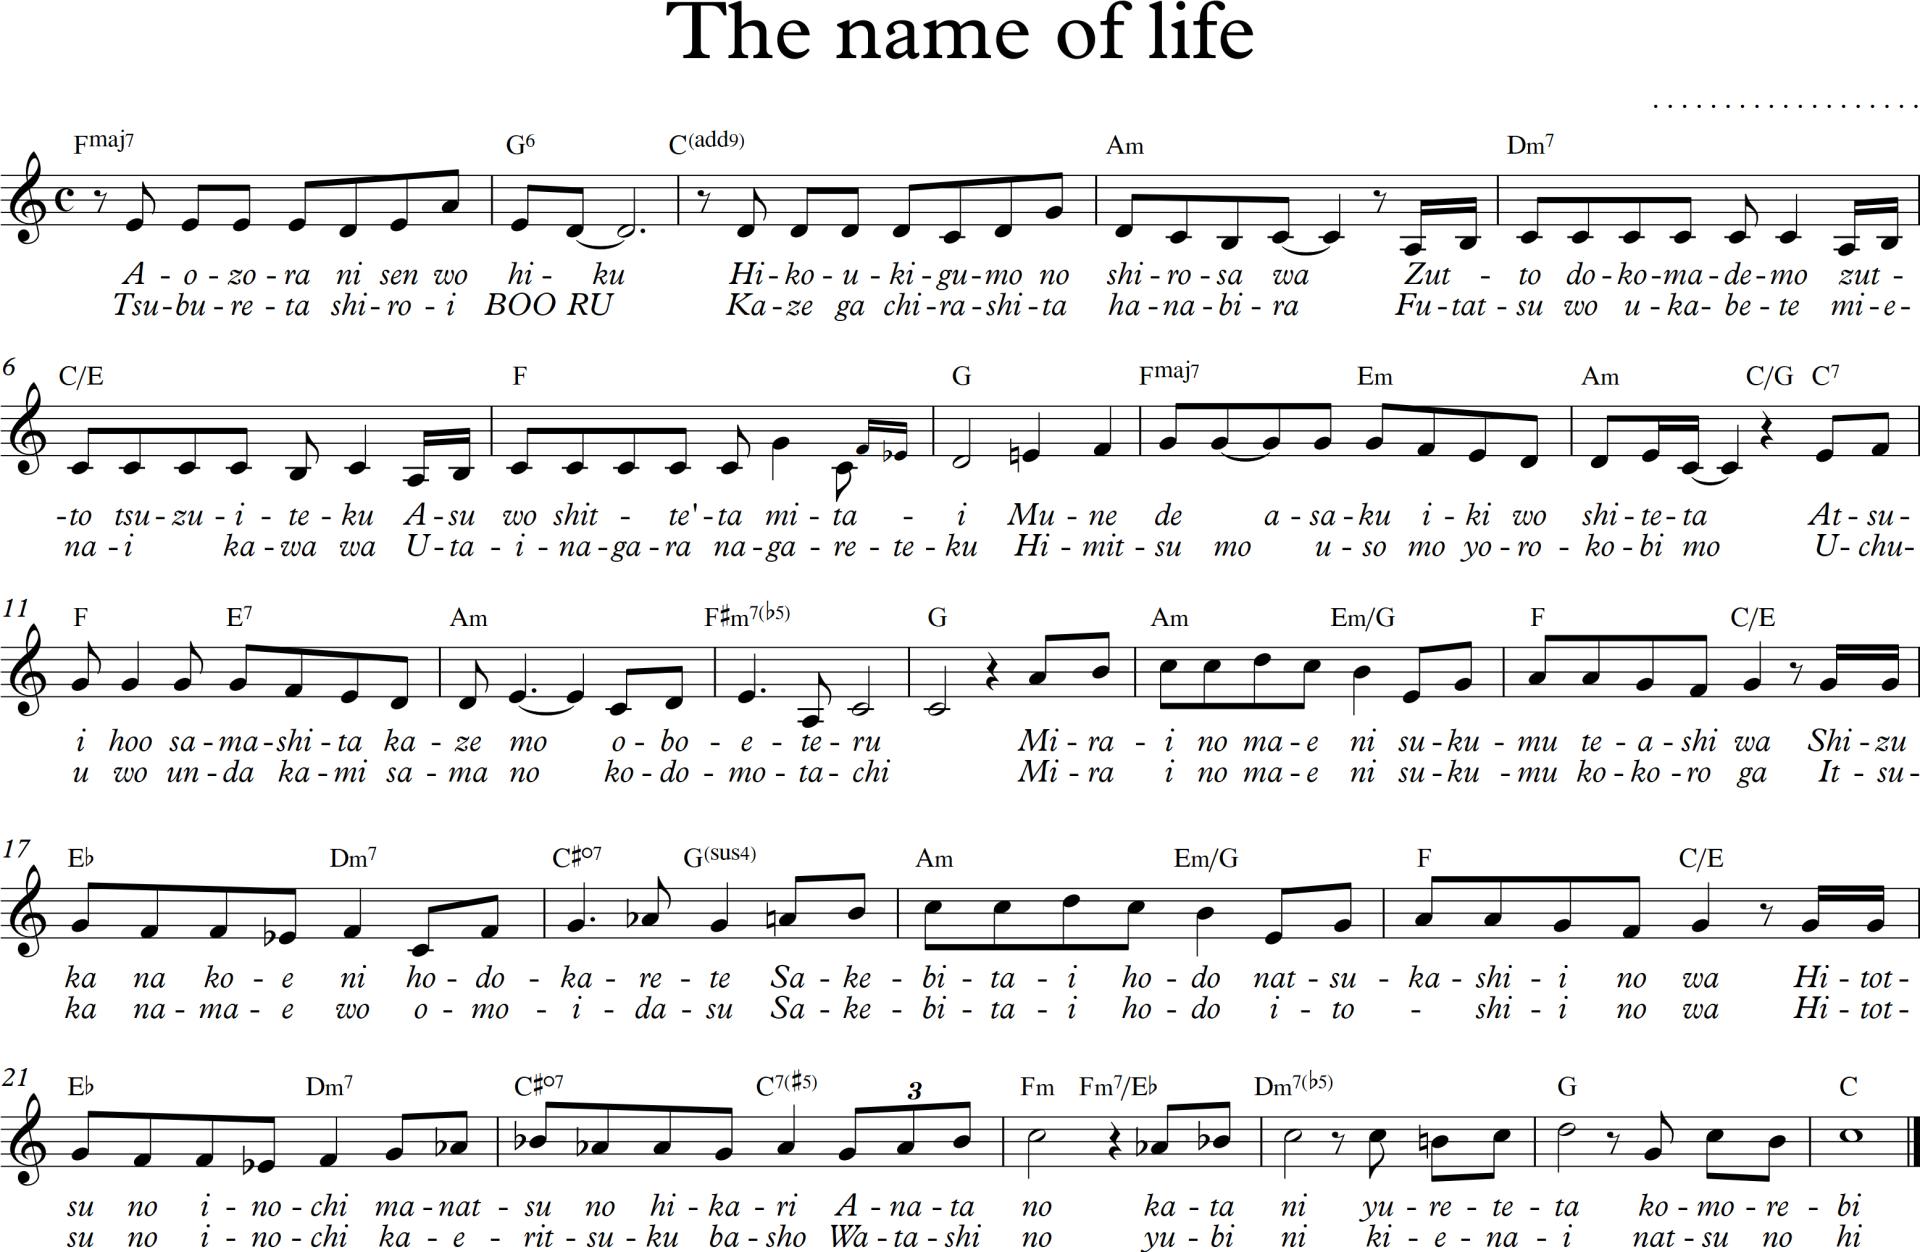 Sheet nhạc bài hát the name of life